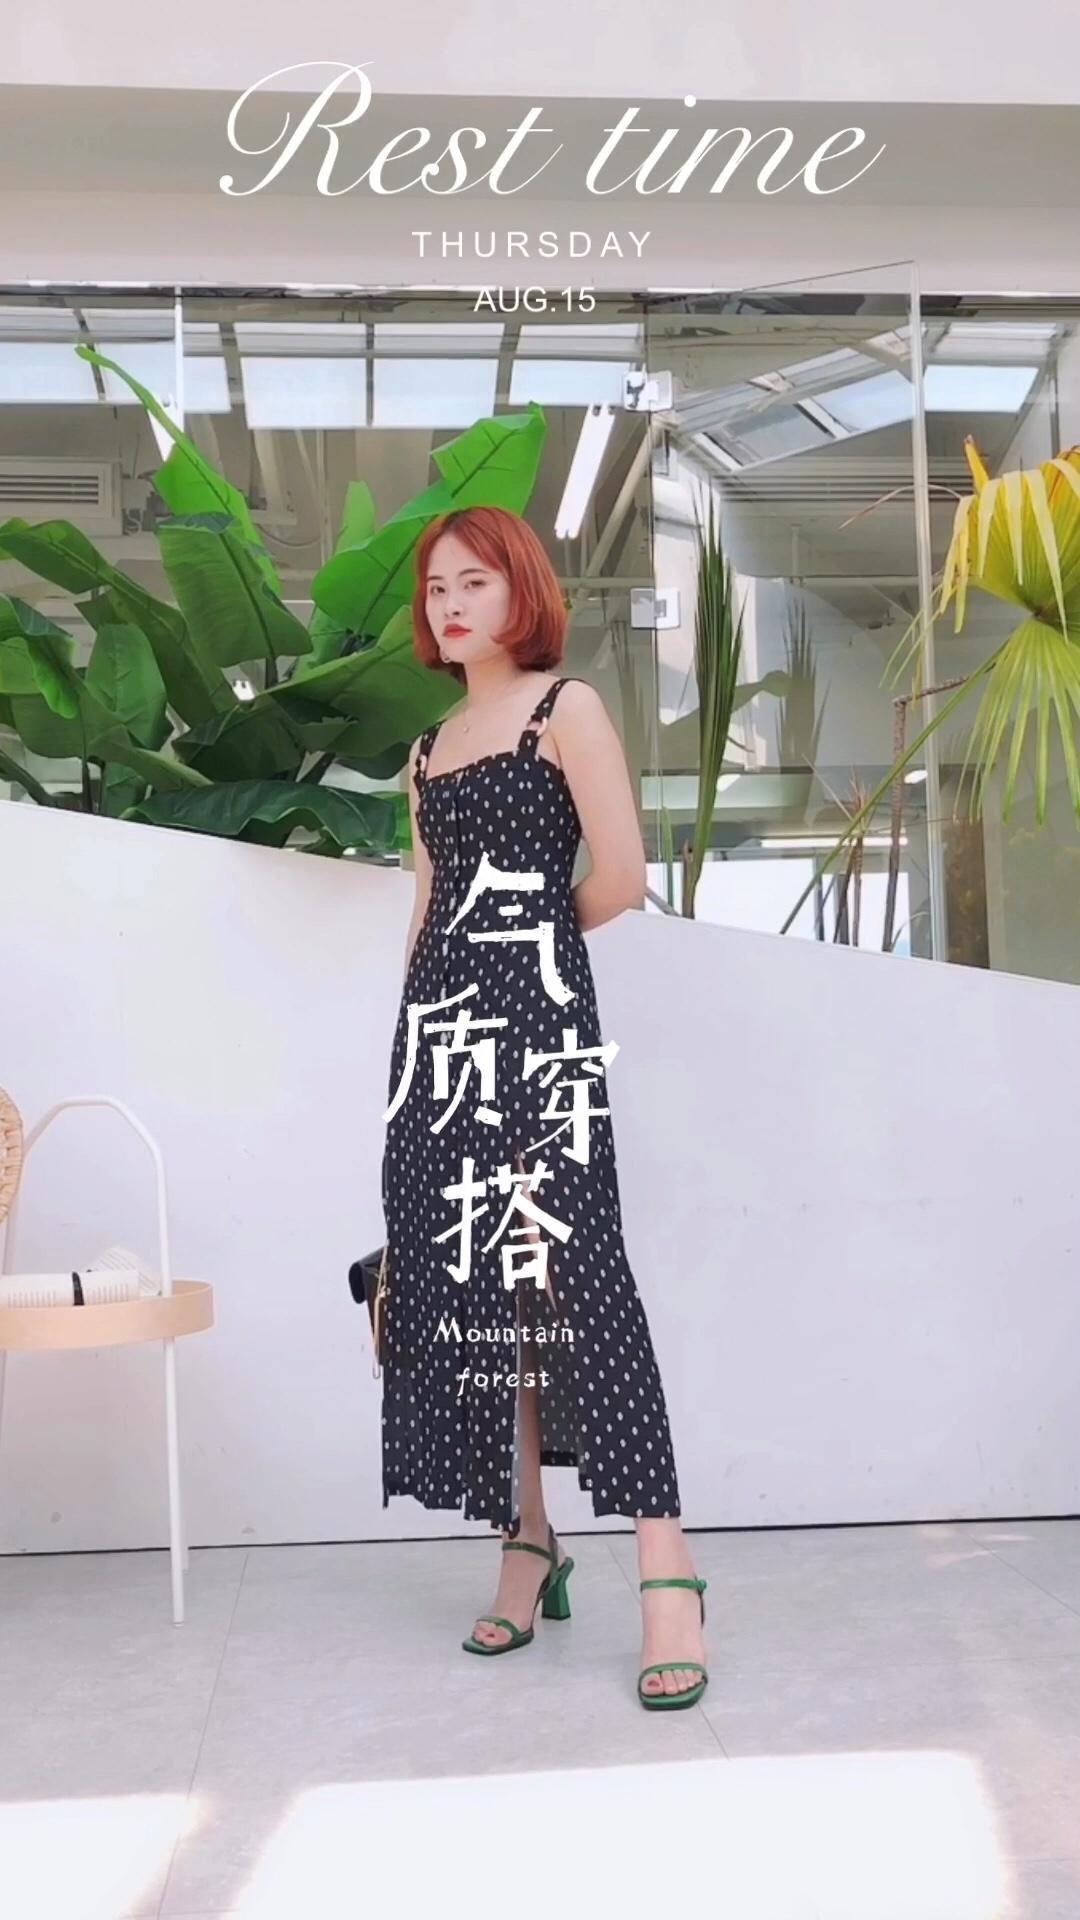 #蘑菇街新品测评# 在阳光明媚的夏日,一条印花的裙子一定能给你带来美丽的心情,印花还能轻易带来复古的气息,这一季就来选择欧式的复古印花单品,来打造优美的夏日造型! 黑色的印花连衣裙有着优雅的气息,搭配包让造型富有夏日风~